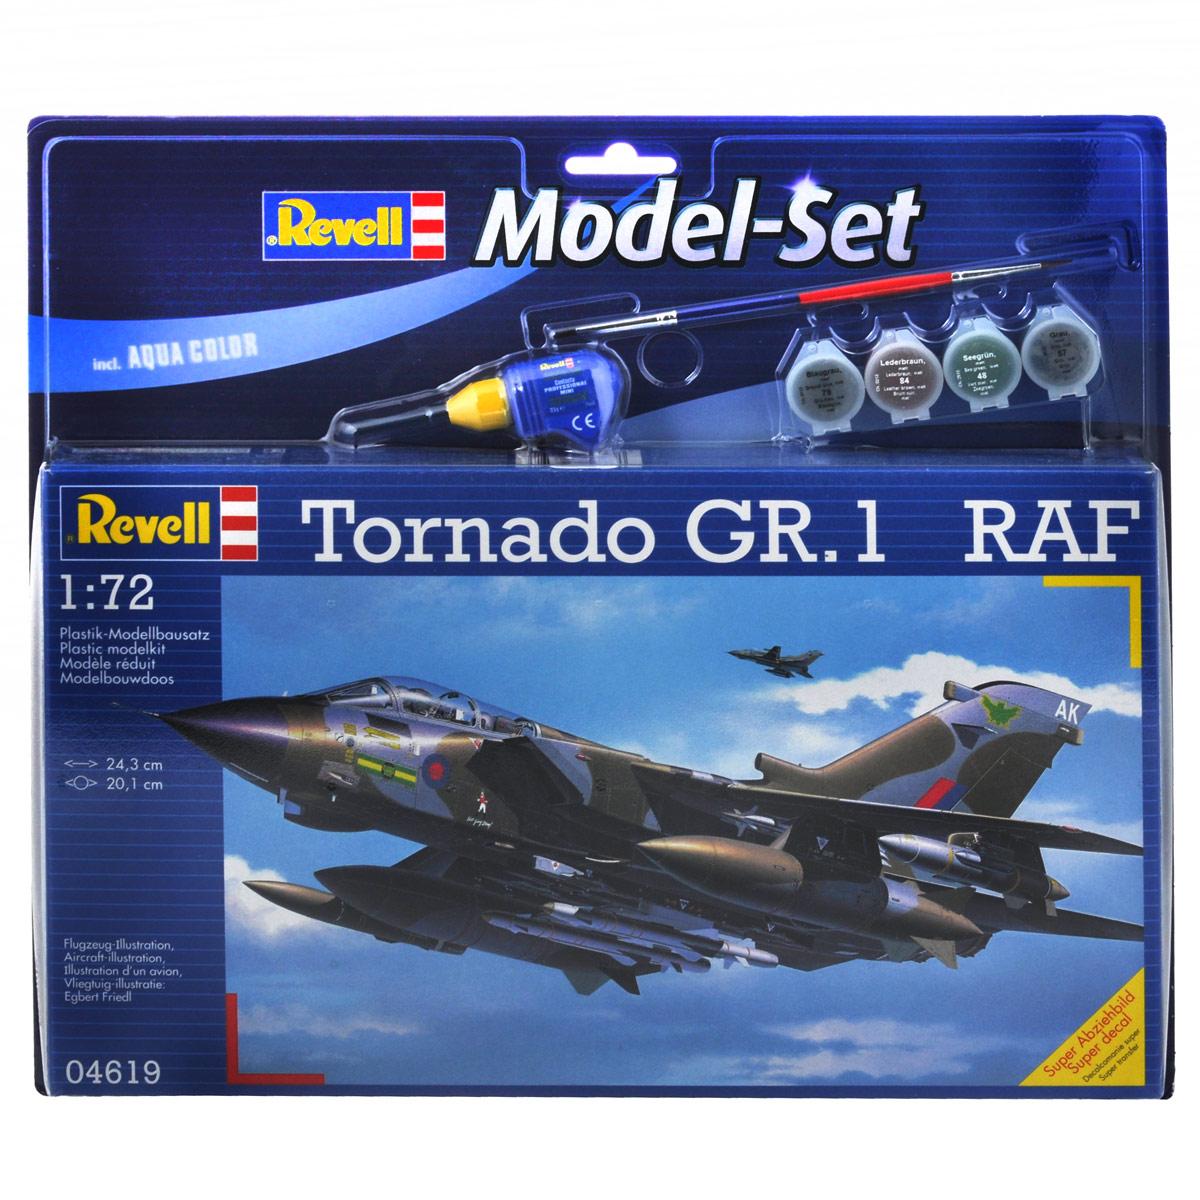 Набор для сборки и раскрашивания модели Revell Самолет Tornado GR.1 RAF64619С помощью набора Revell Самолет Tornado GR.1 RAF вы и ваш ребенок сможете собрать уменьшенную копию одноименного самолета и раскрасить ее. Набор включает в себя 198 пластиковых элементов для сборки модели, краски четырех цветов, клей, двустороннюю кисточку и схематичную инструкцию по сборке. Благодаря набору ваш ребенок научится различать цвета, творчески решать поставленные задачи, разовьет интеллектуальные и инструментальные способности, воображение, конструктивное мышление, внимание, терпение и кругозор. Уровень сложности: 4.